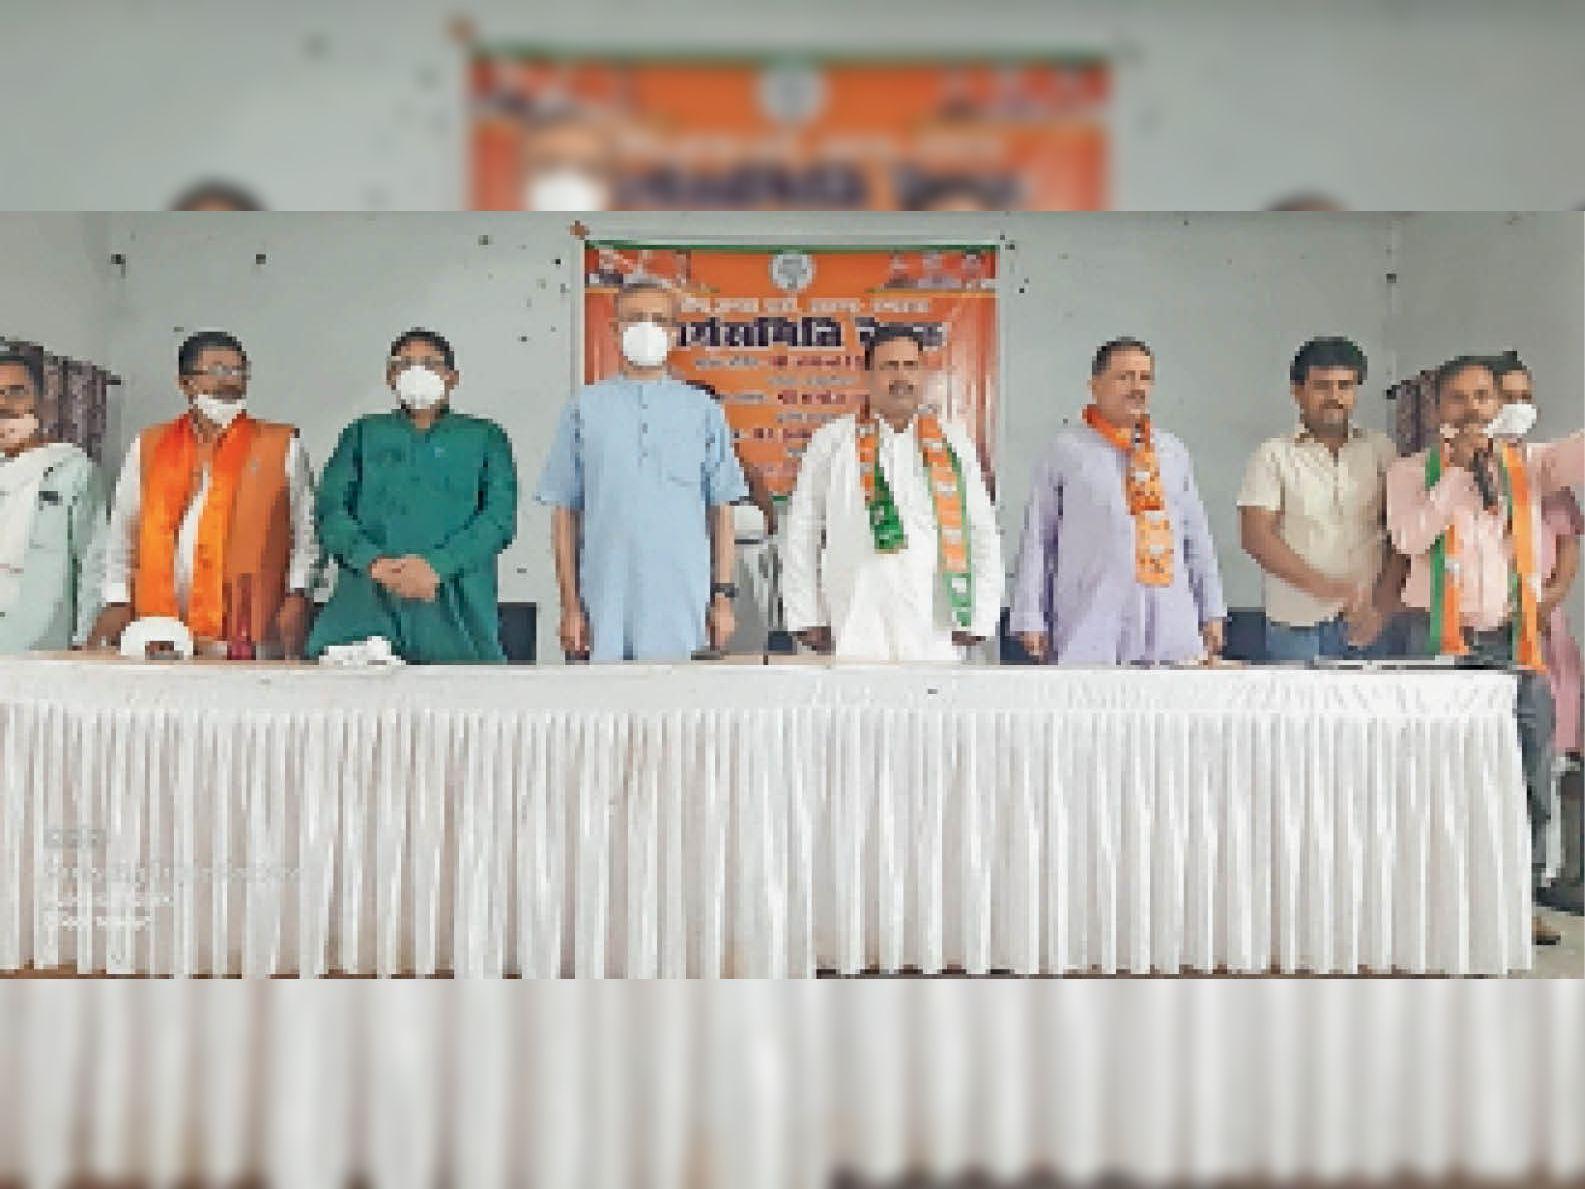 चंदवारा के प्रखंड मुख्यालय सांस्कृतिक भवन में शामिल सांसद जयंत सिन्हा व अन्य। - Dainik Bhaskar